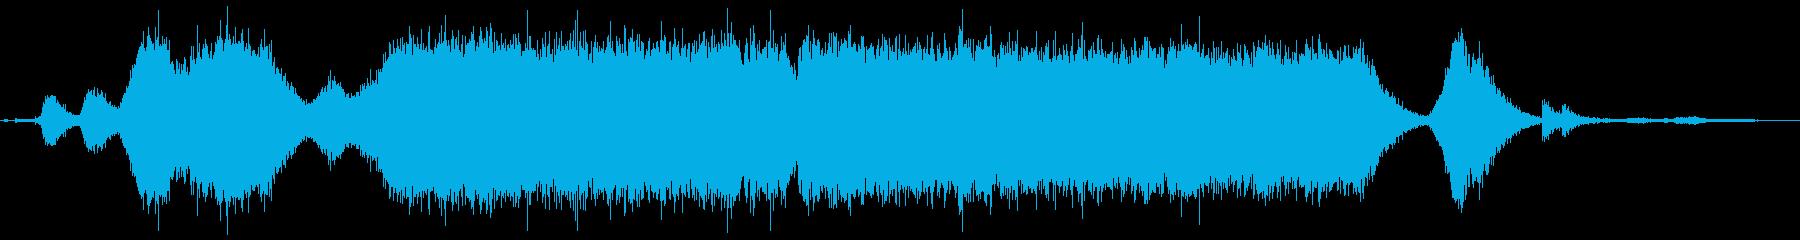 AXE、BROAD AXE、ELE...の再生済みの波形